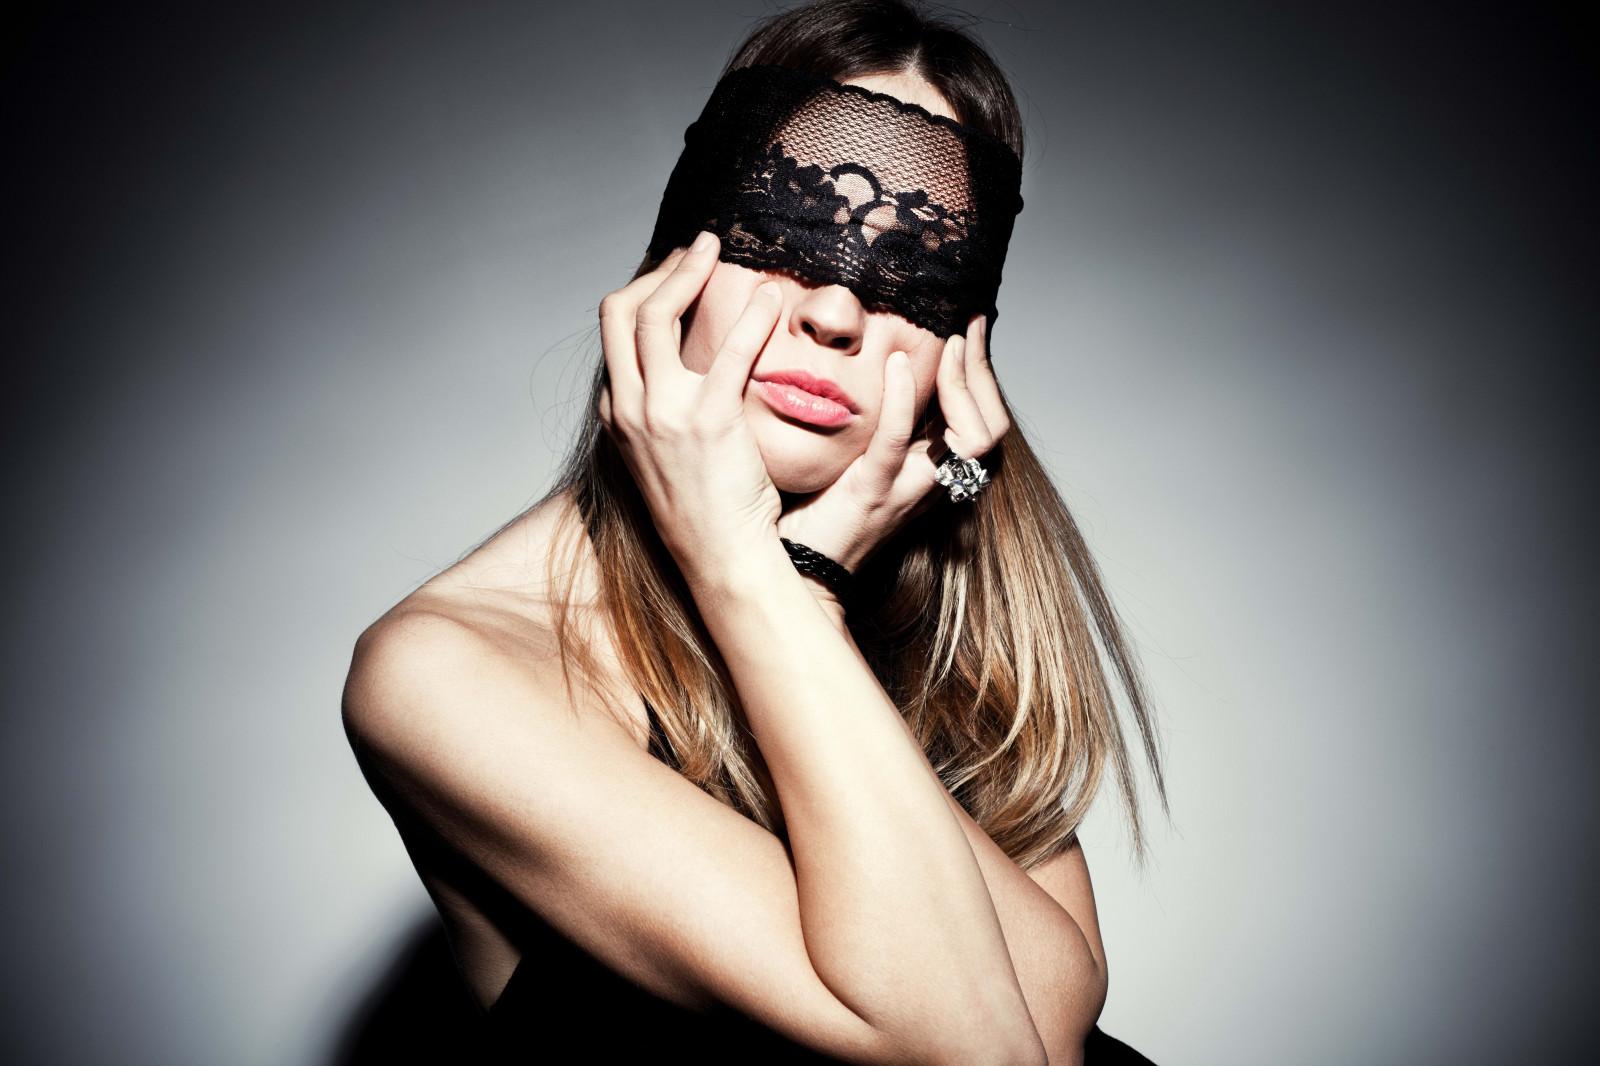 Что за мода прикрывать лицо на фото